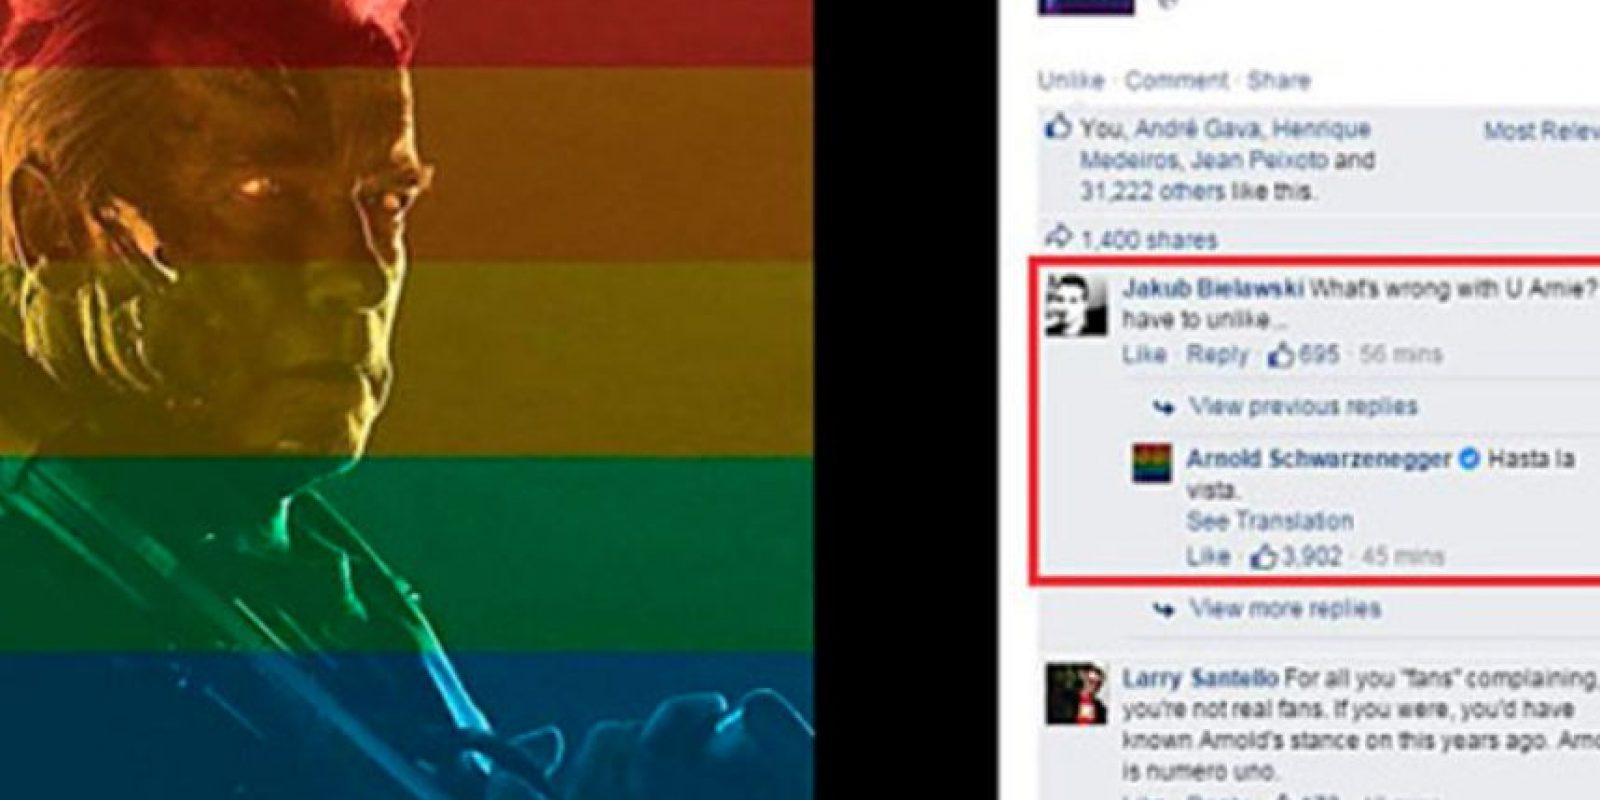 El usuario tuvo que borrar su comentario. Foto:vía Facebook